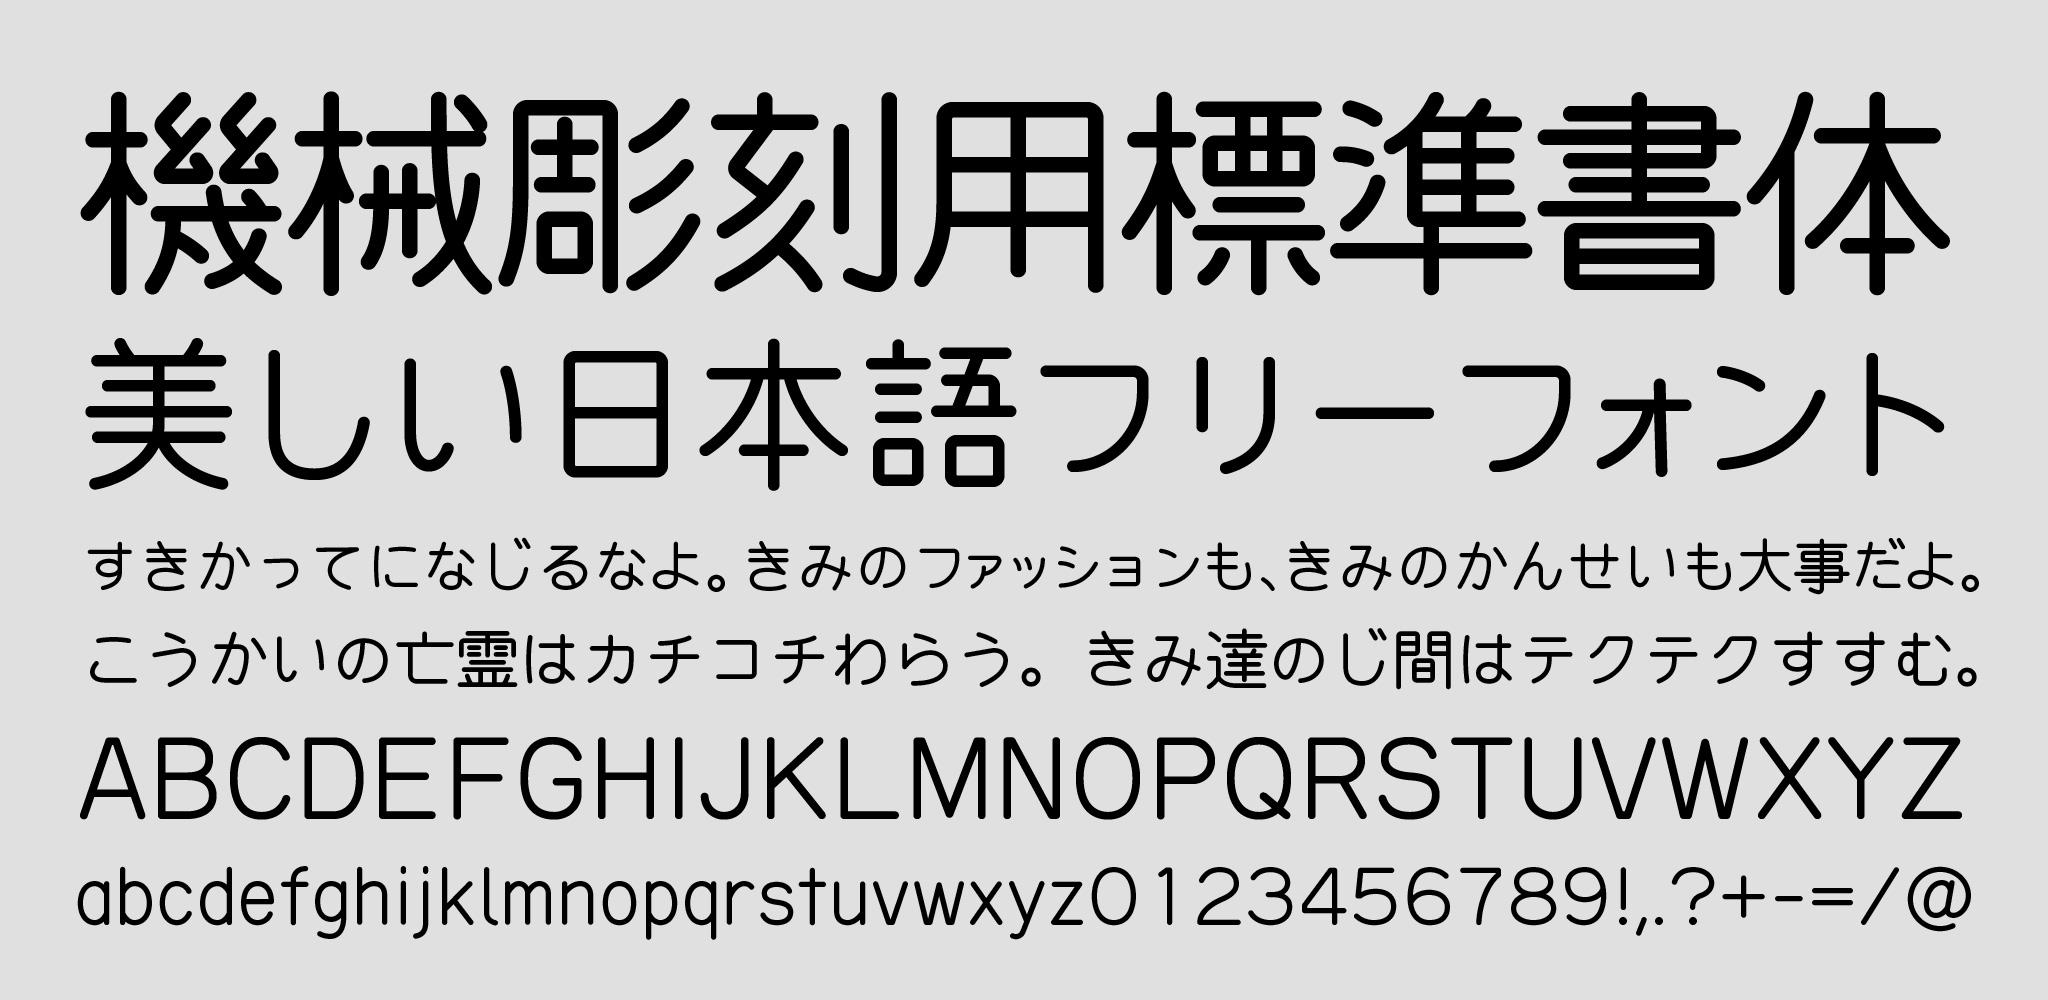 f:id:teppex0412:20191019115847j:plain